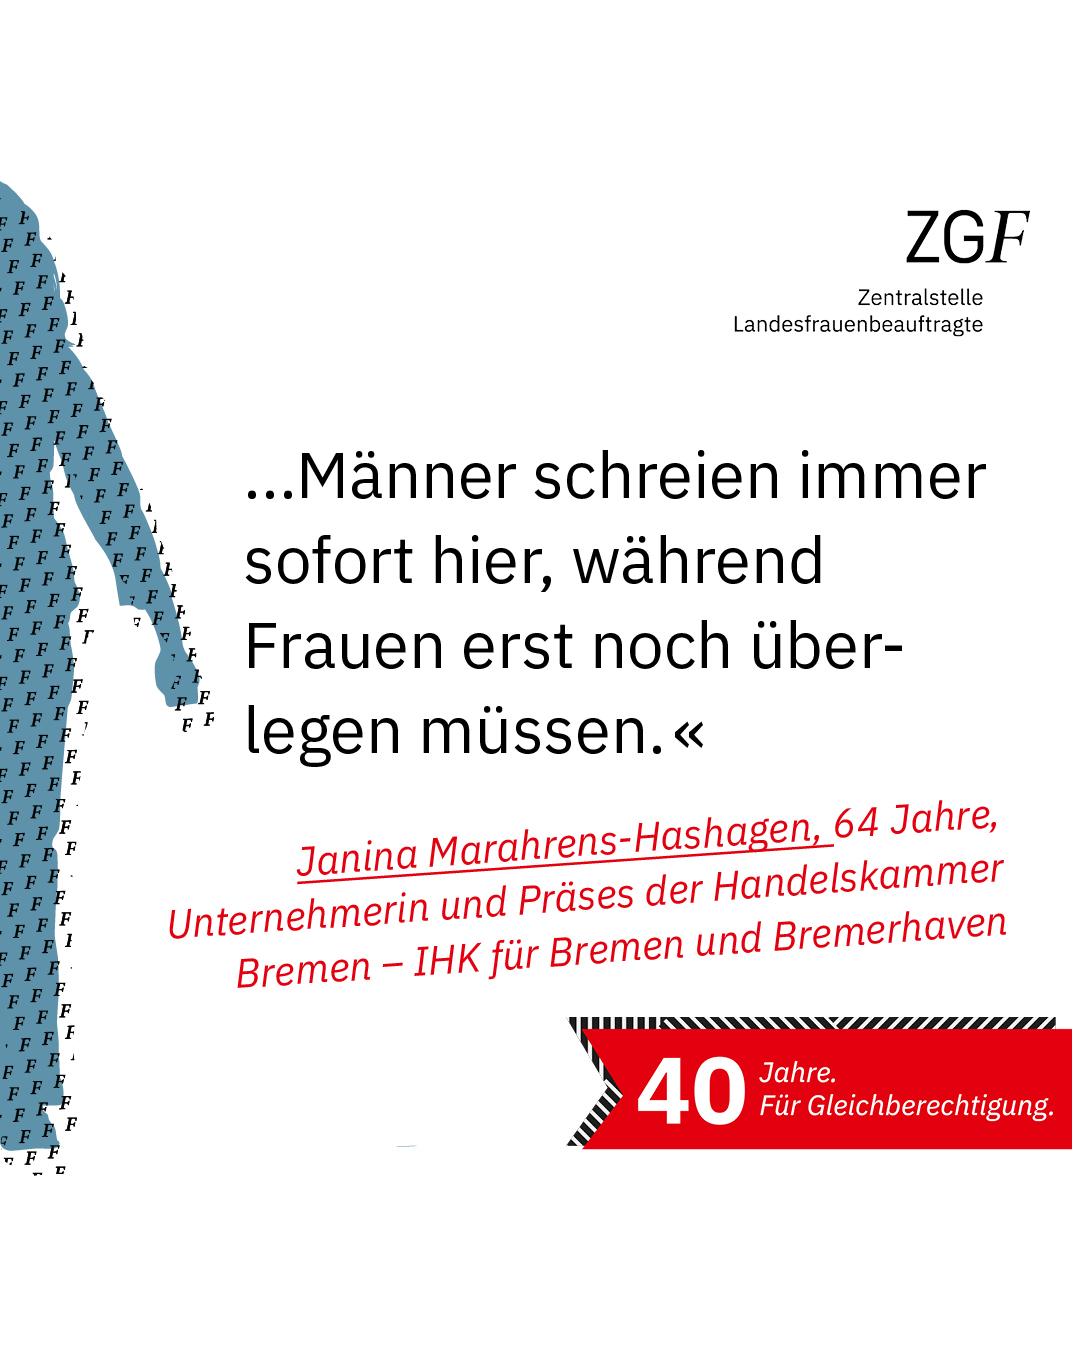 Statement 40 Jahre Gleichberechtigung, Janina Marahrens-Hashagen, Unternehmerin und Präses der Handelskammer - IHK Bremen und Bremerhaven